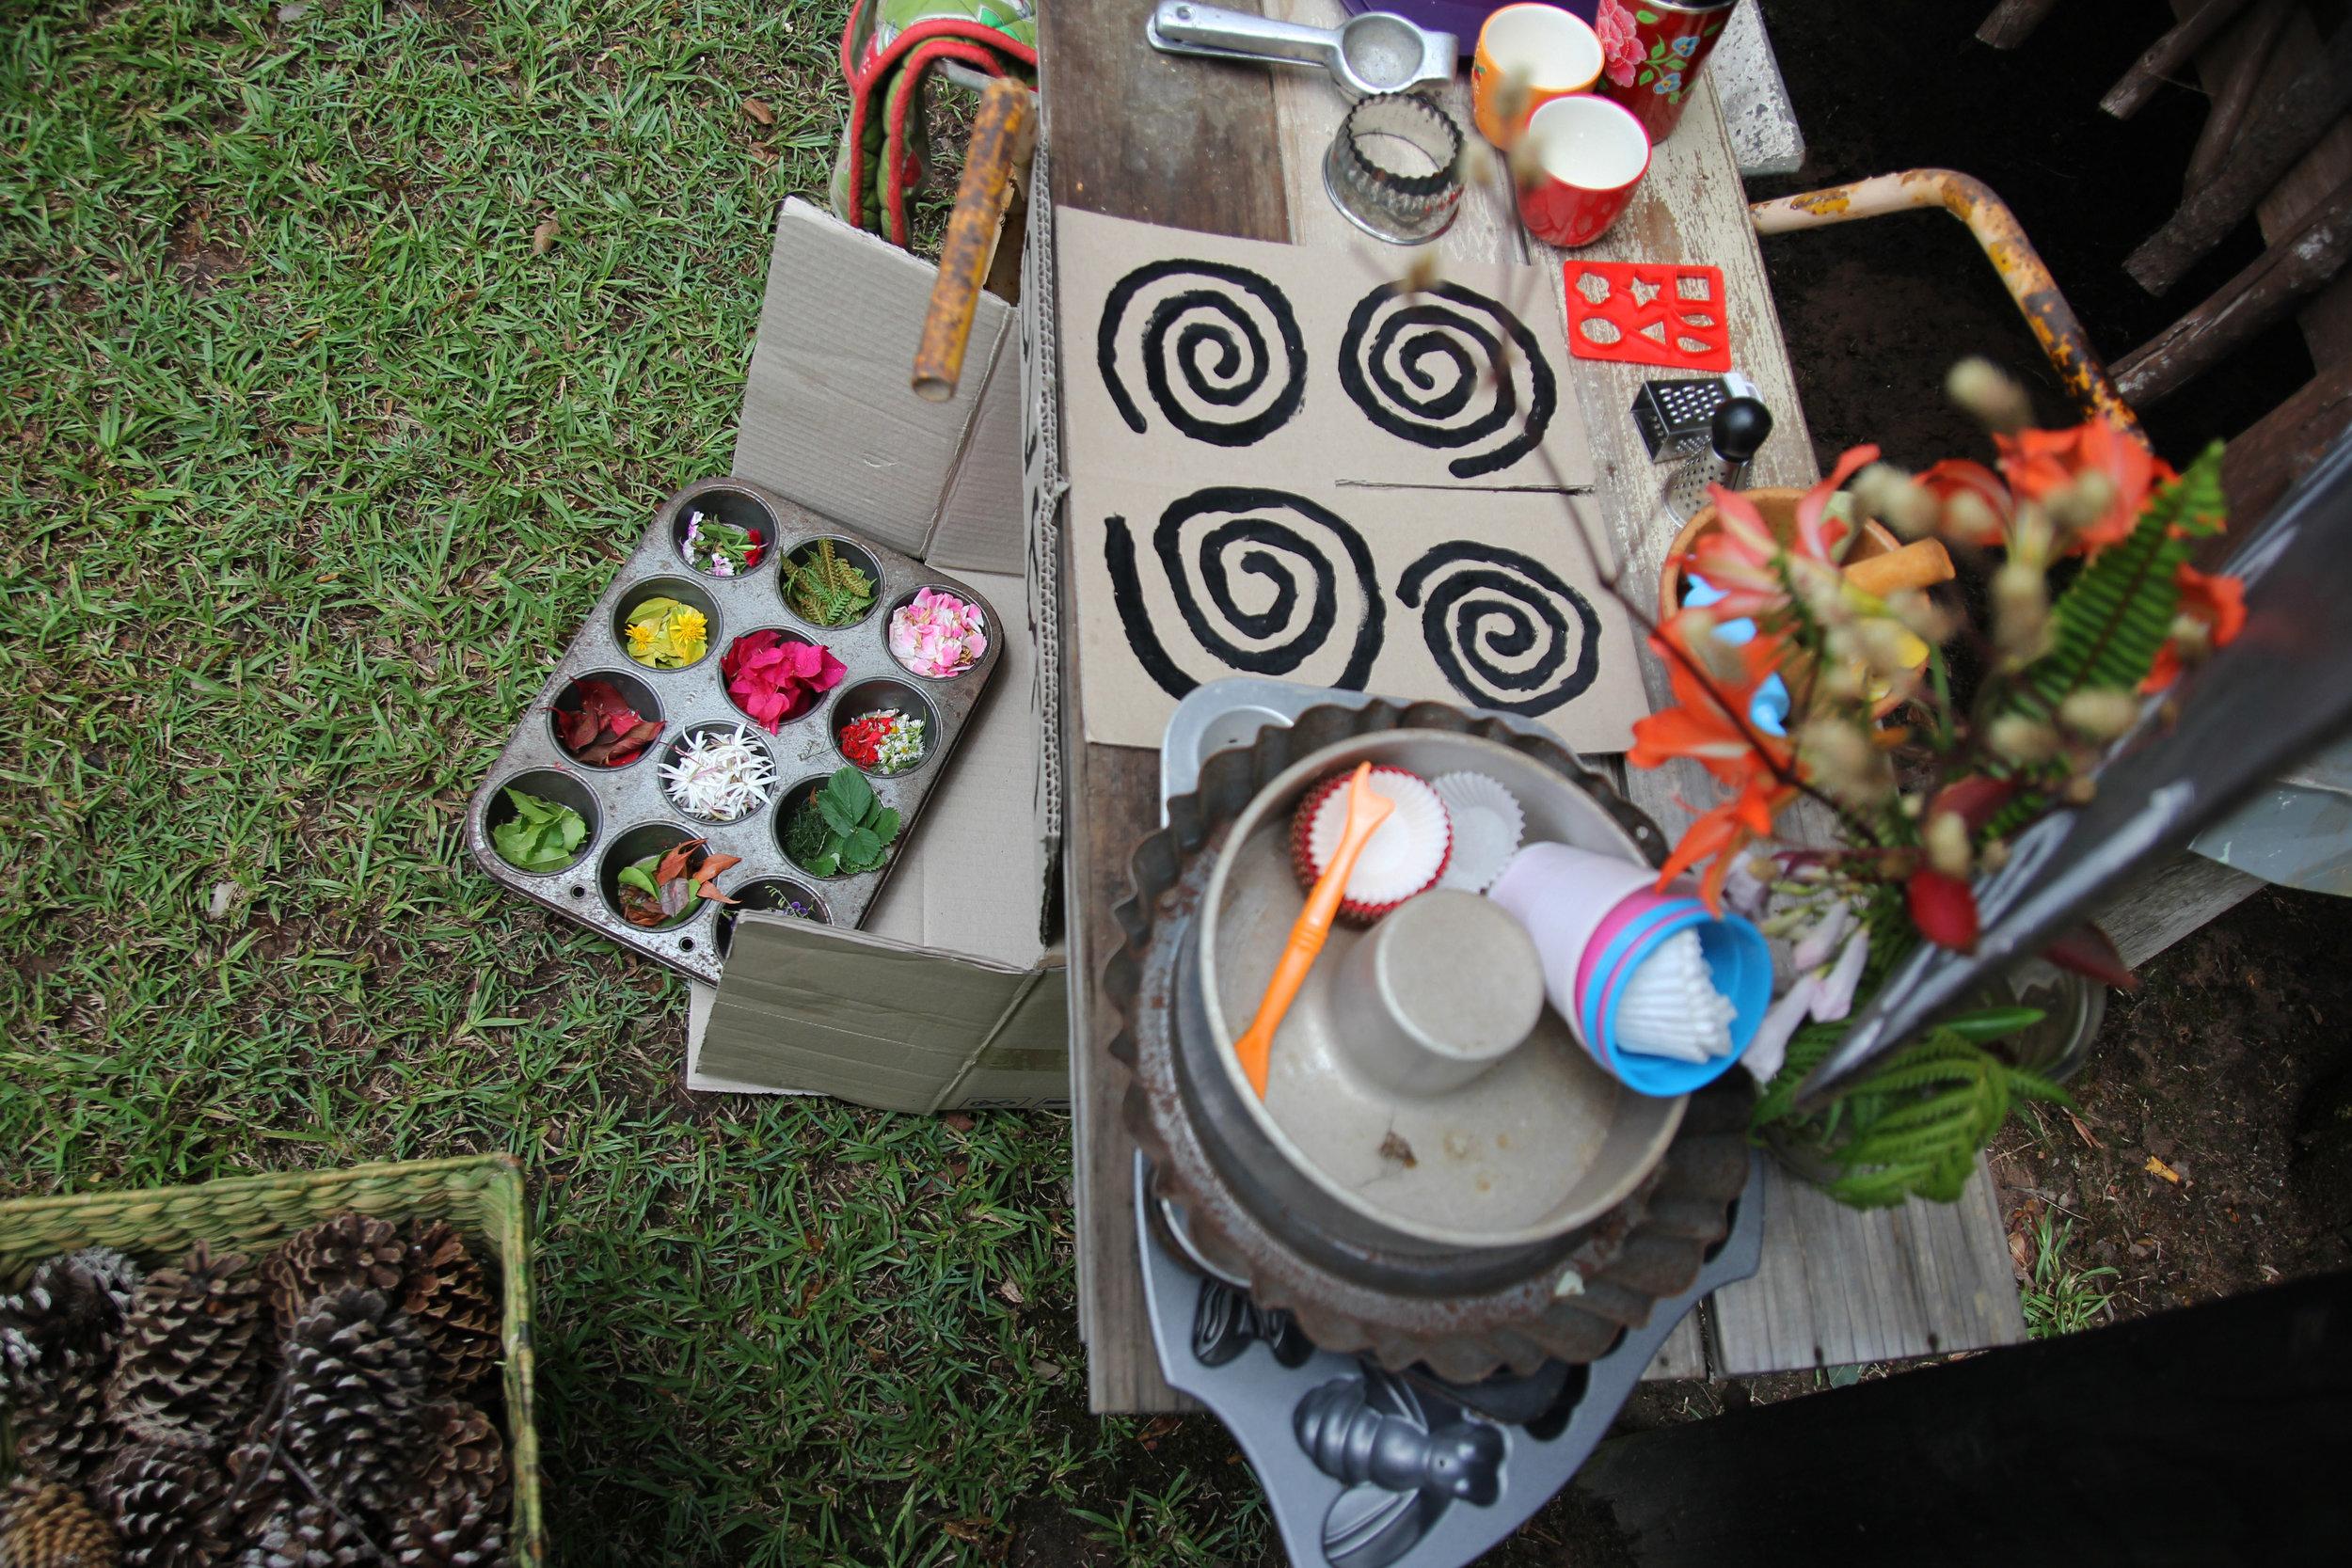 9 kitchen stove.jpg